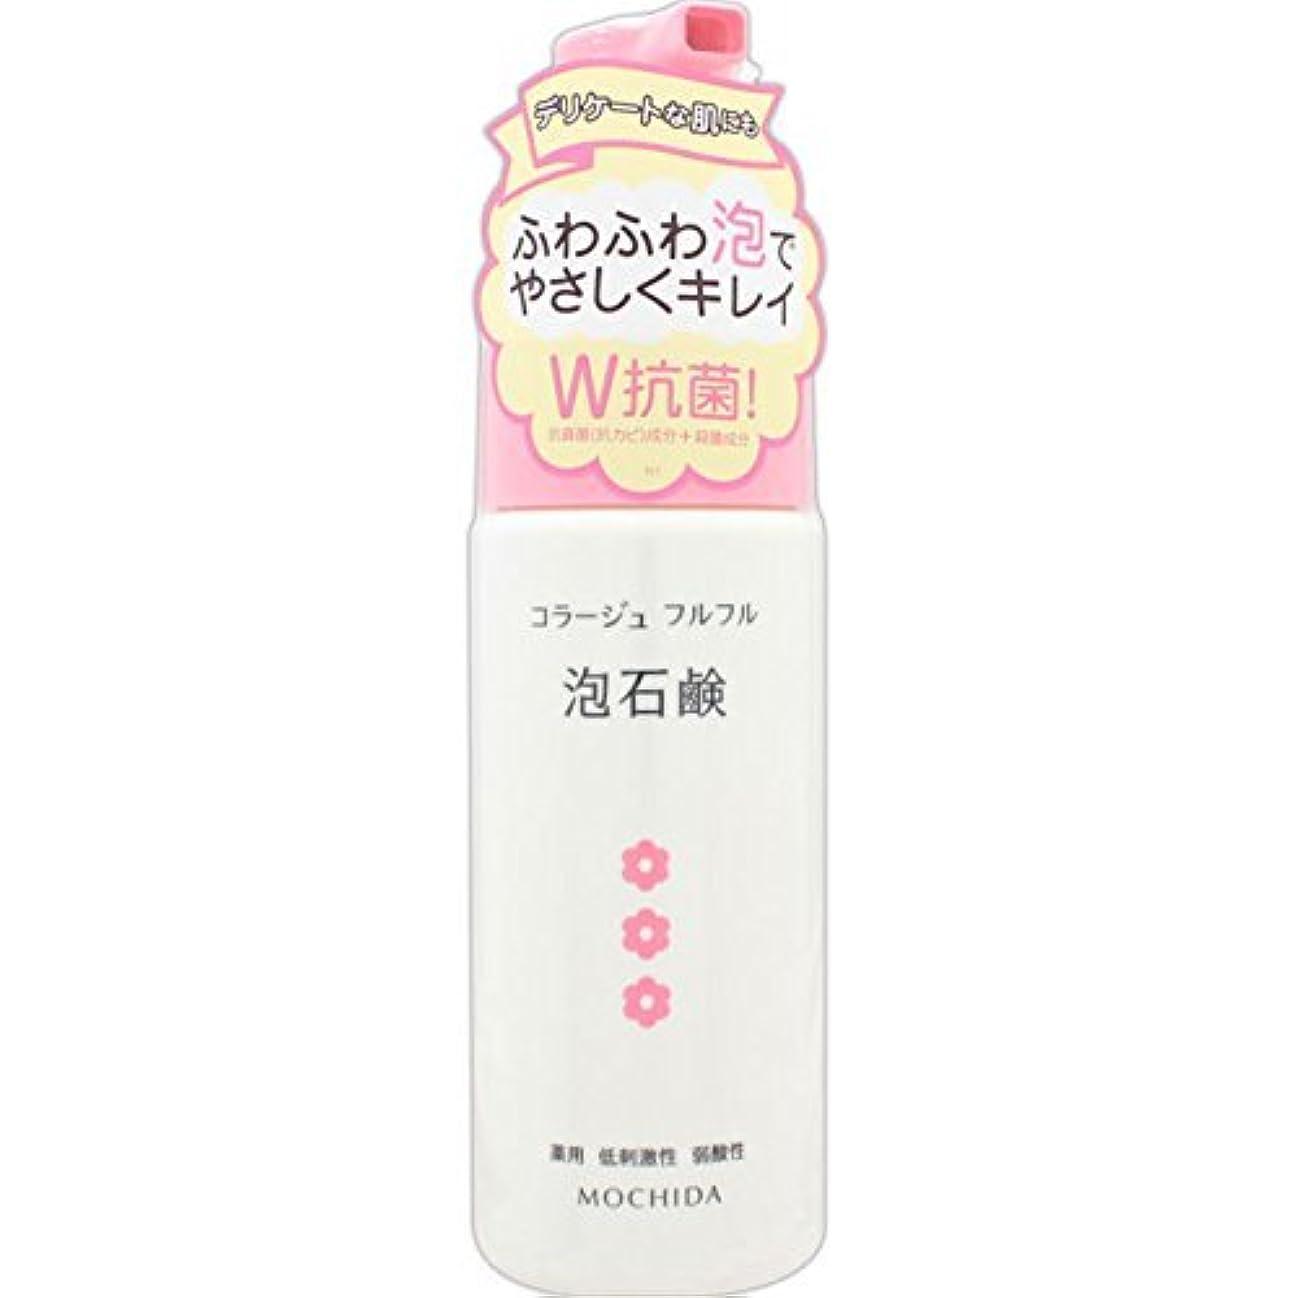 シーケンスおなかがすいたであるコラージュフルフル 泡石鹸 ピンク 150mL (医薬部外品) ×10